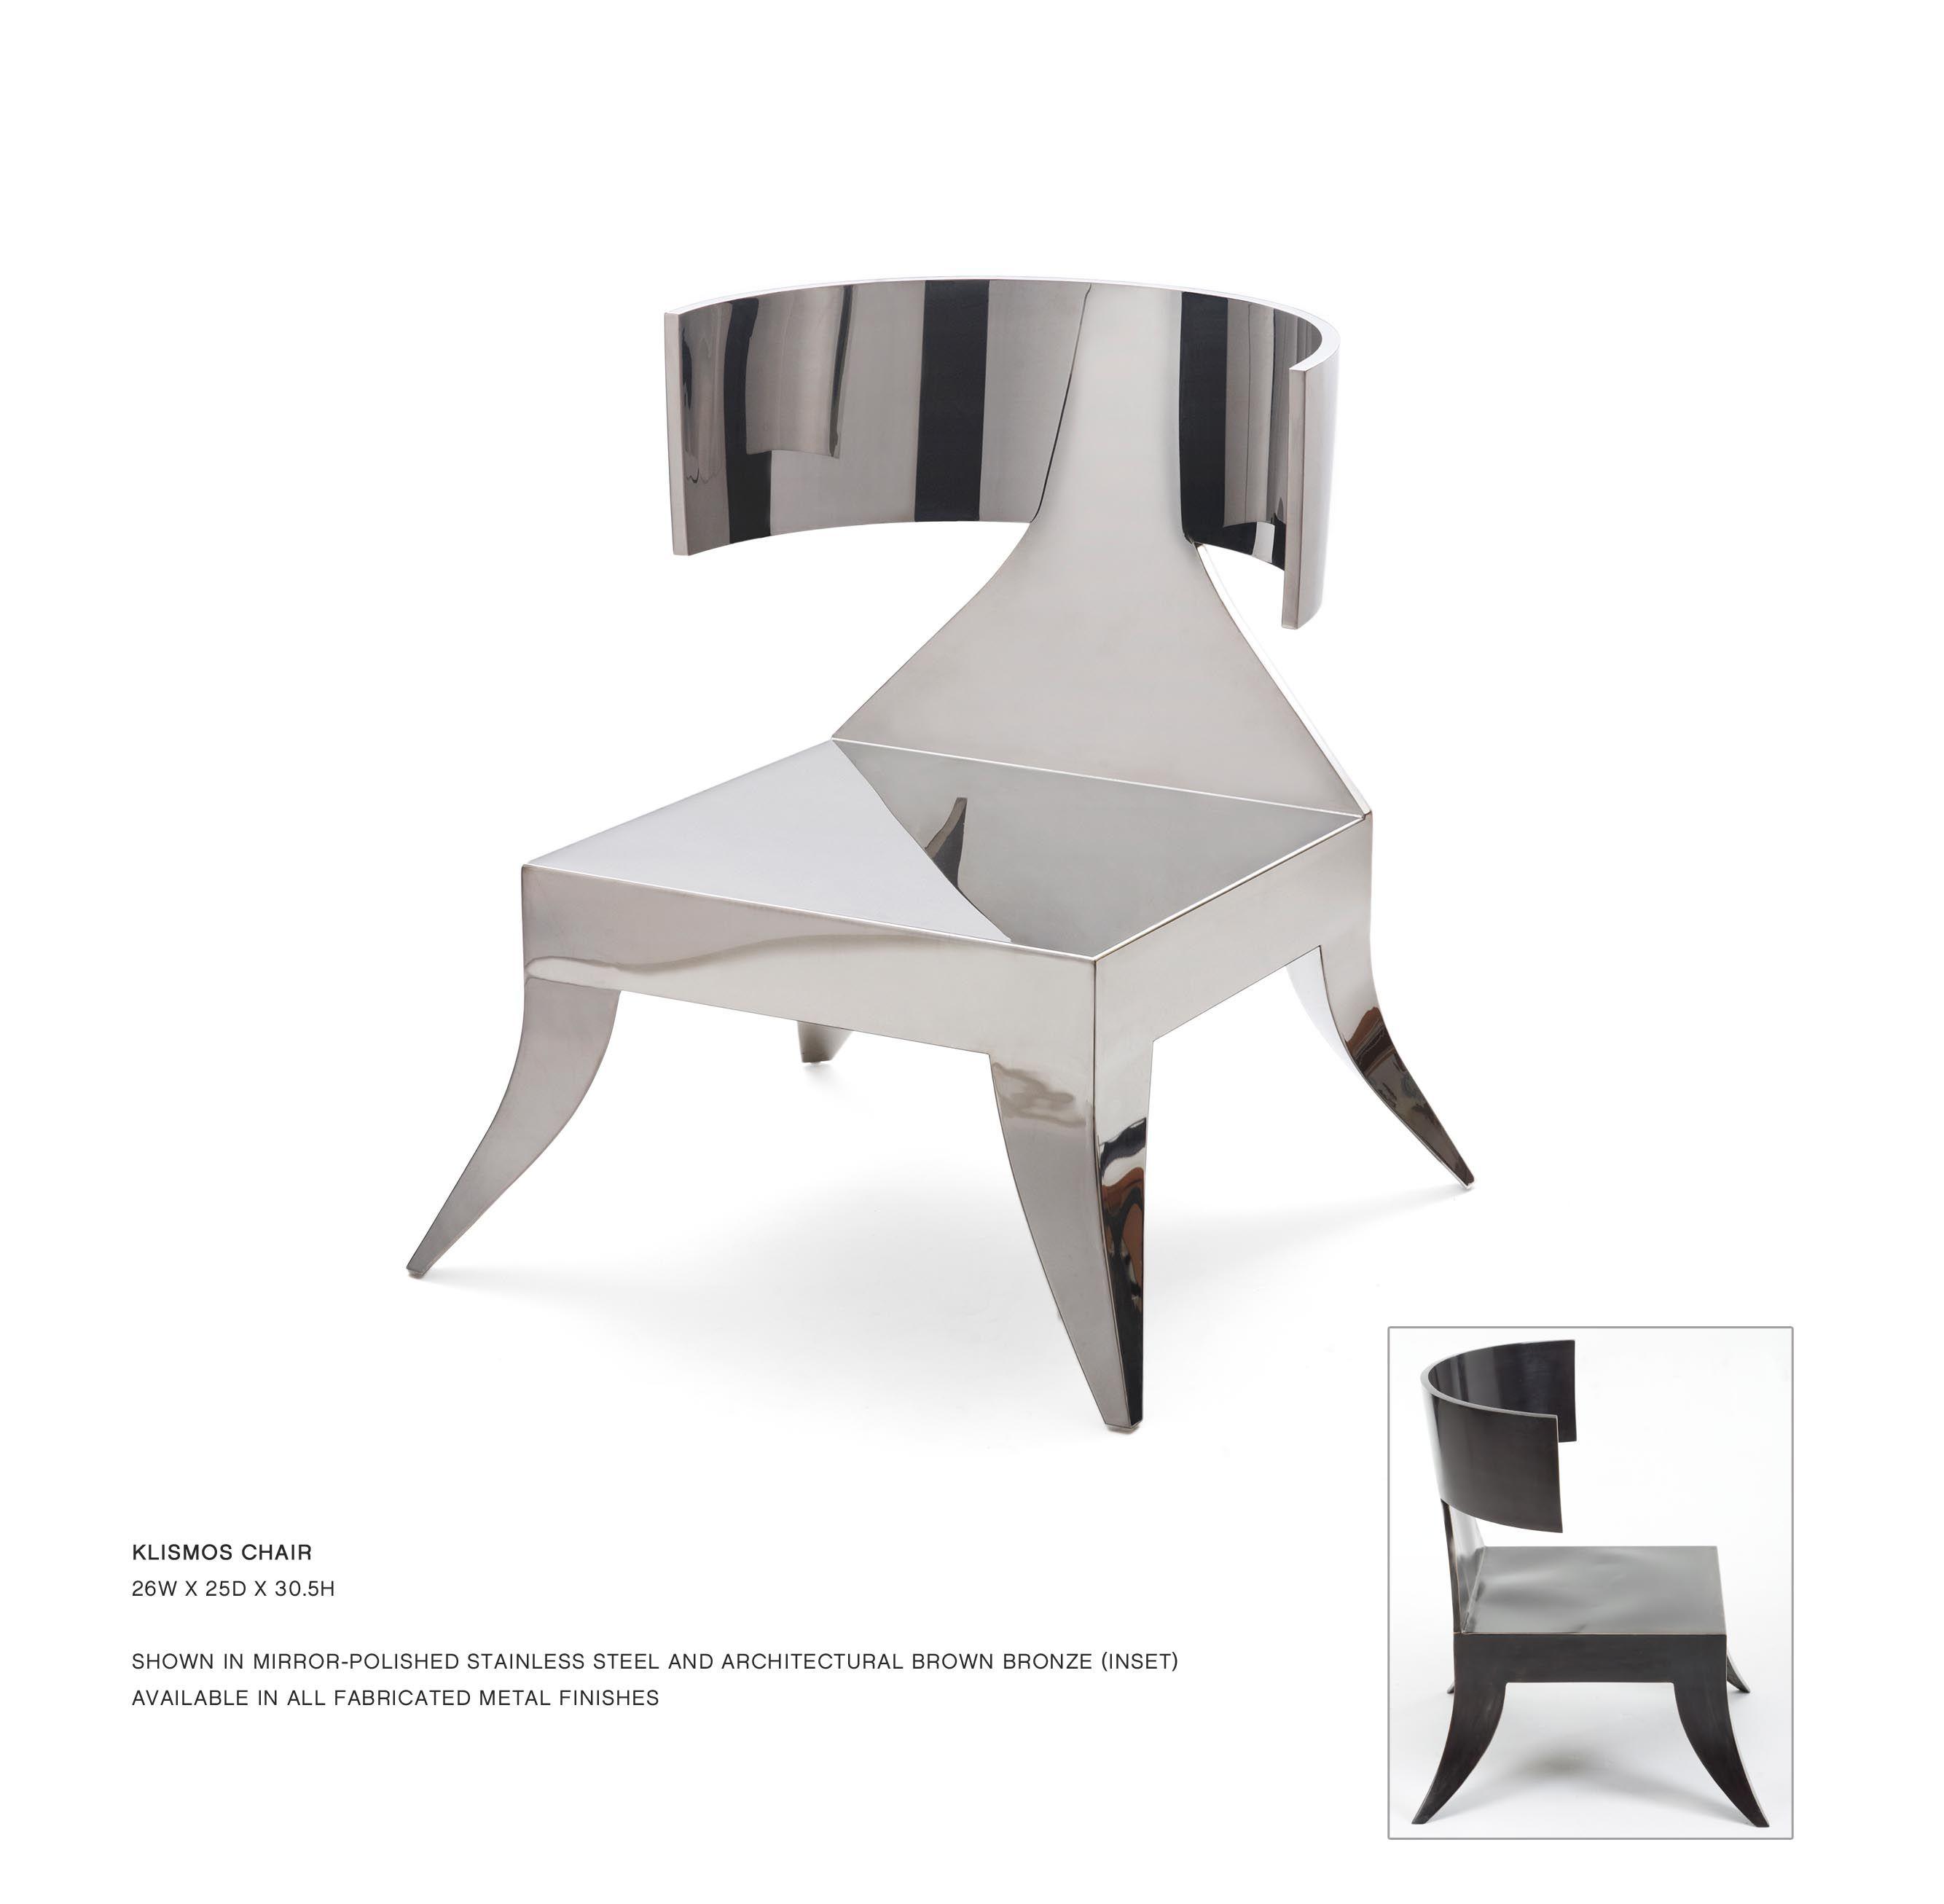 John Lyle Design - KLISMOS CHAIR  Klismos chair, Chair style